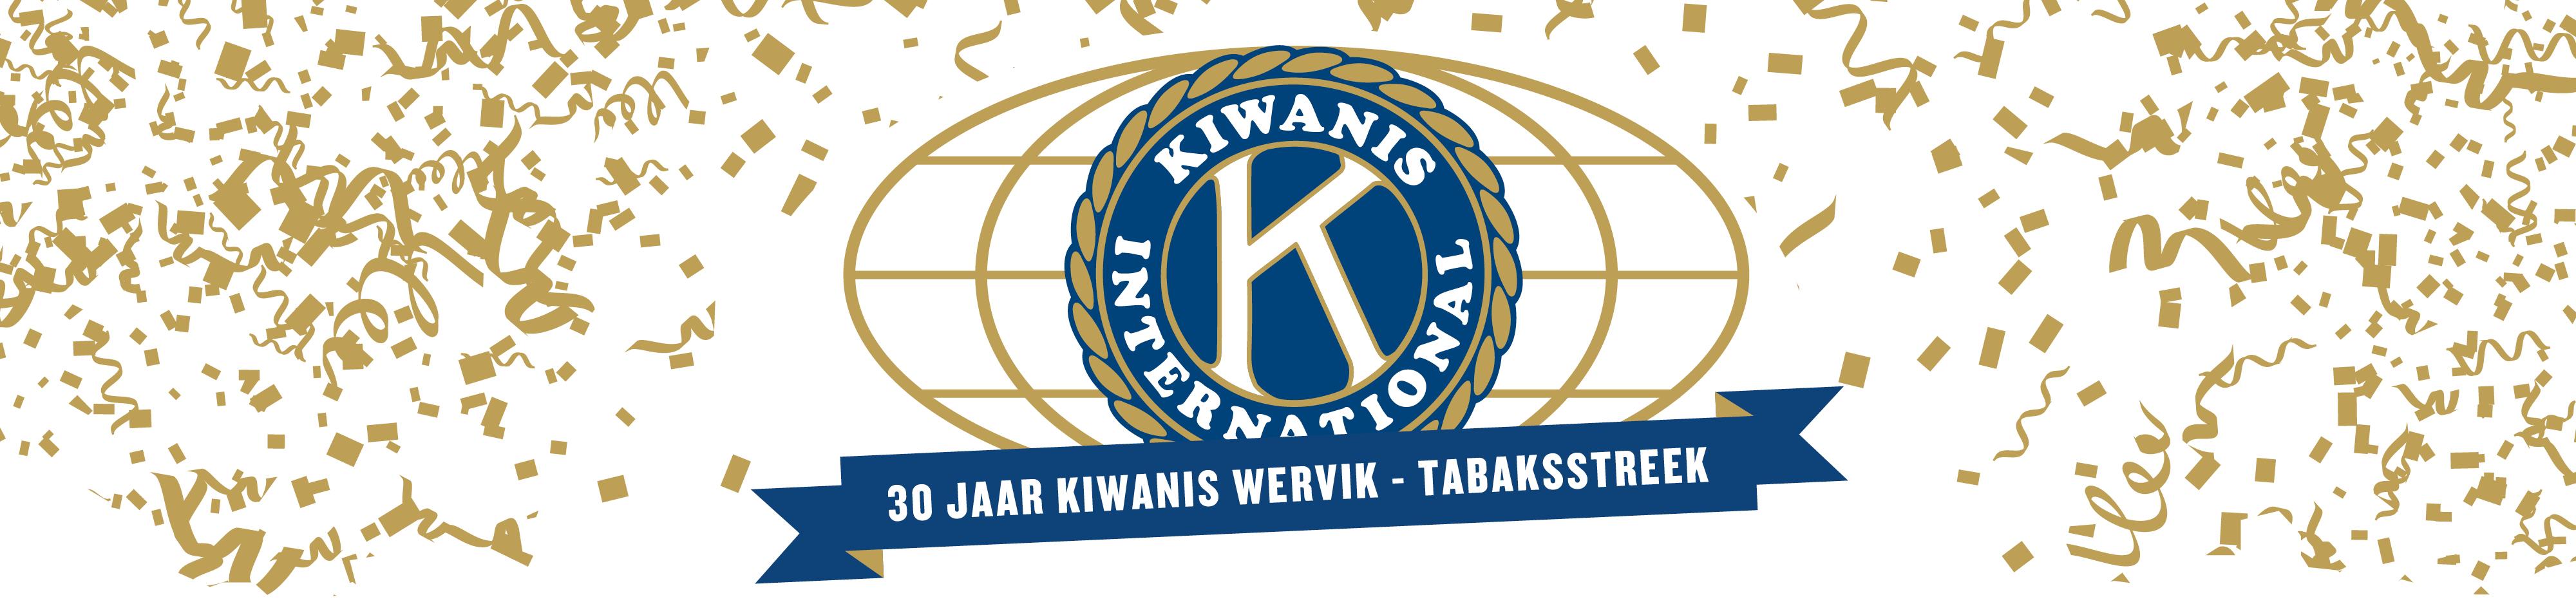 30 Jaar Kiwanis Wervik